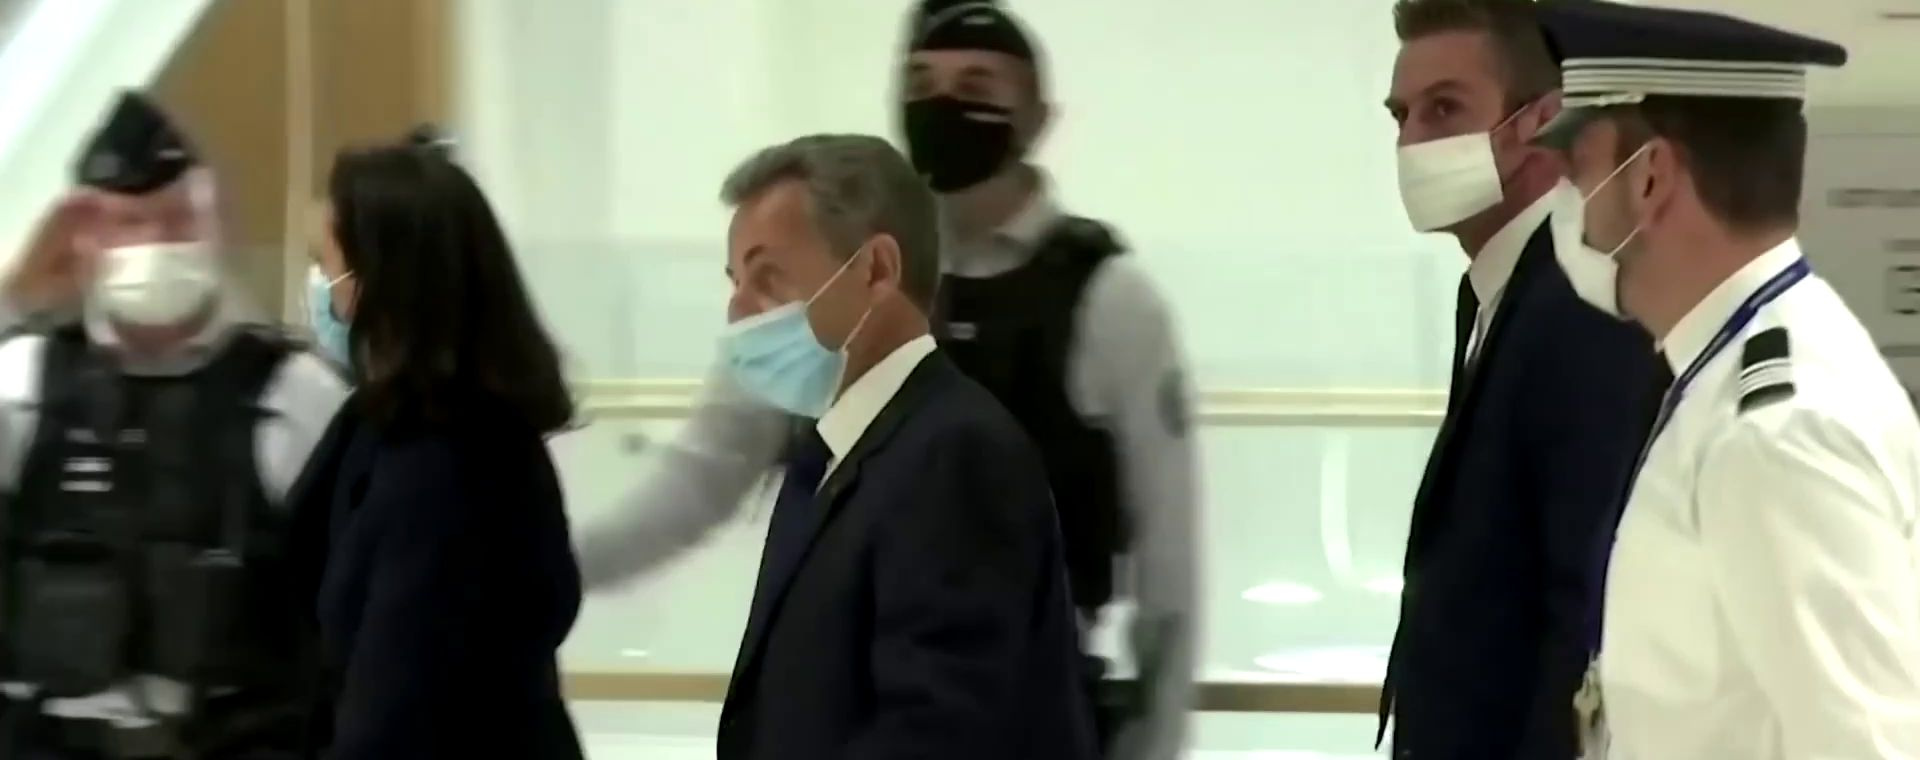 Sarkozy to jail